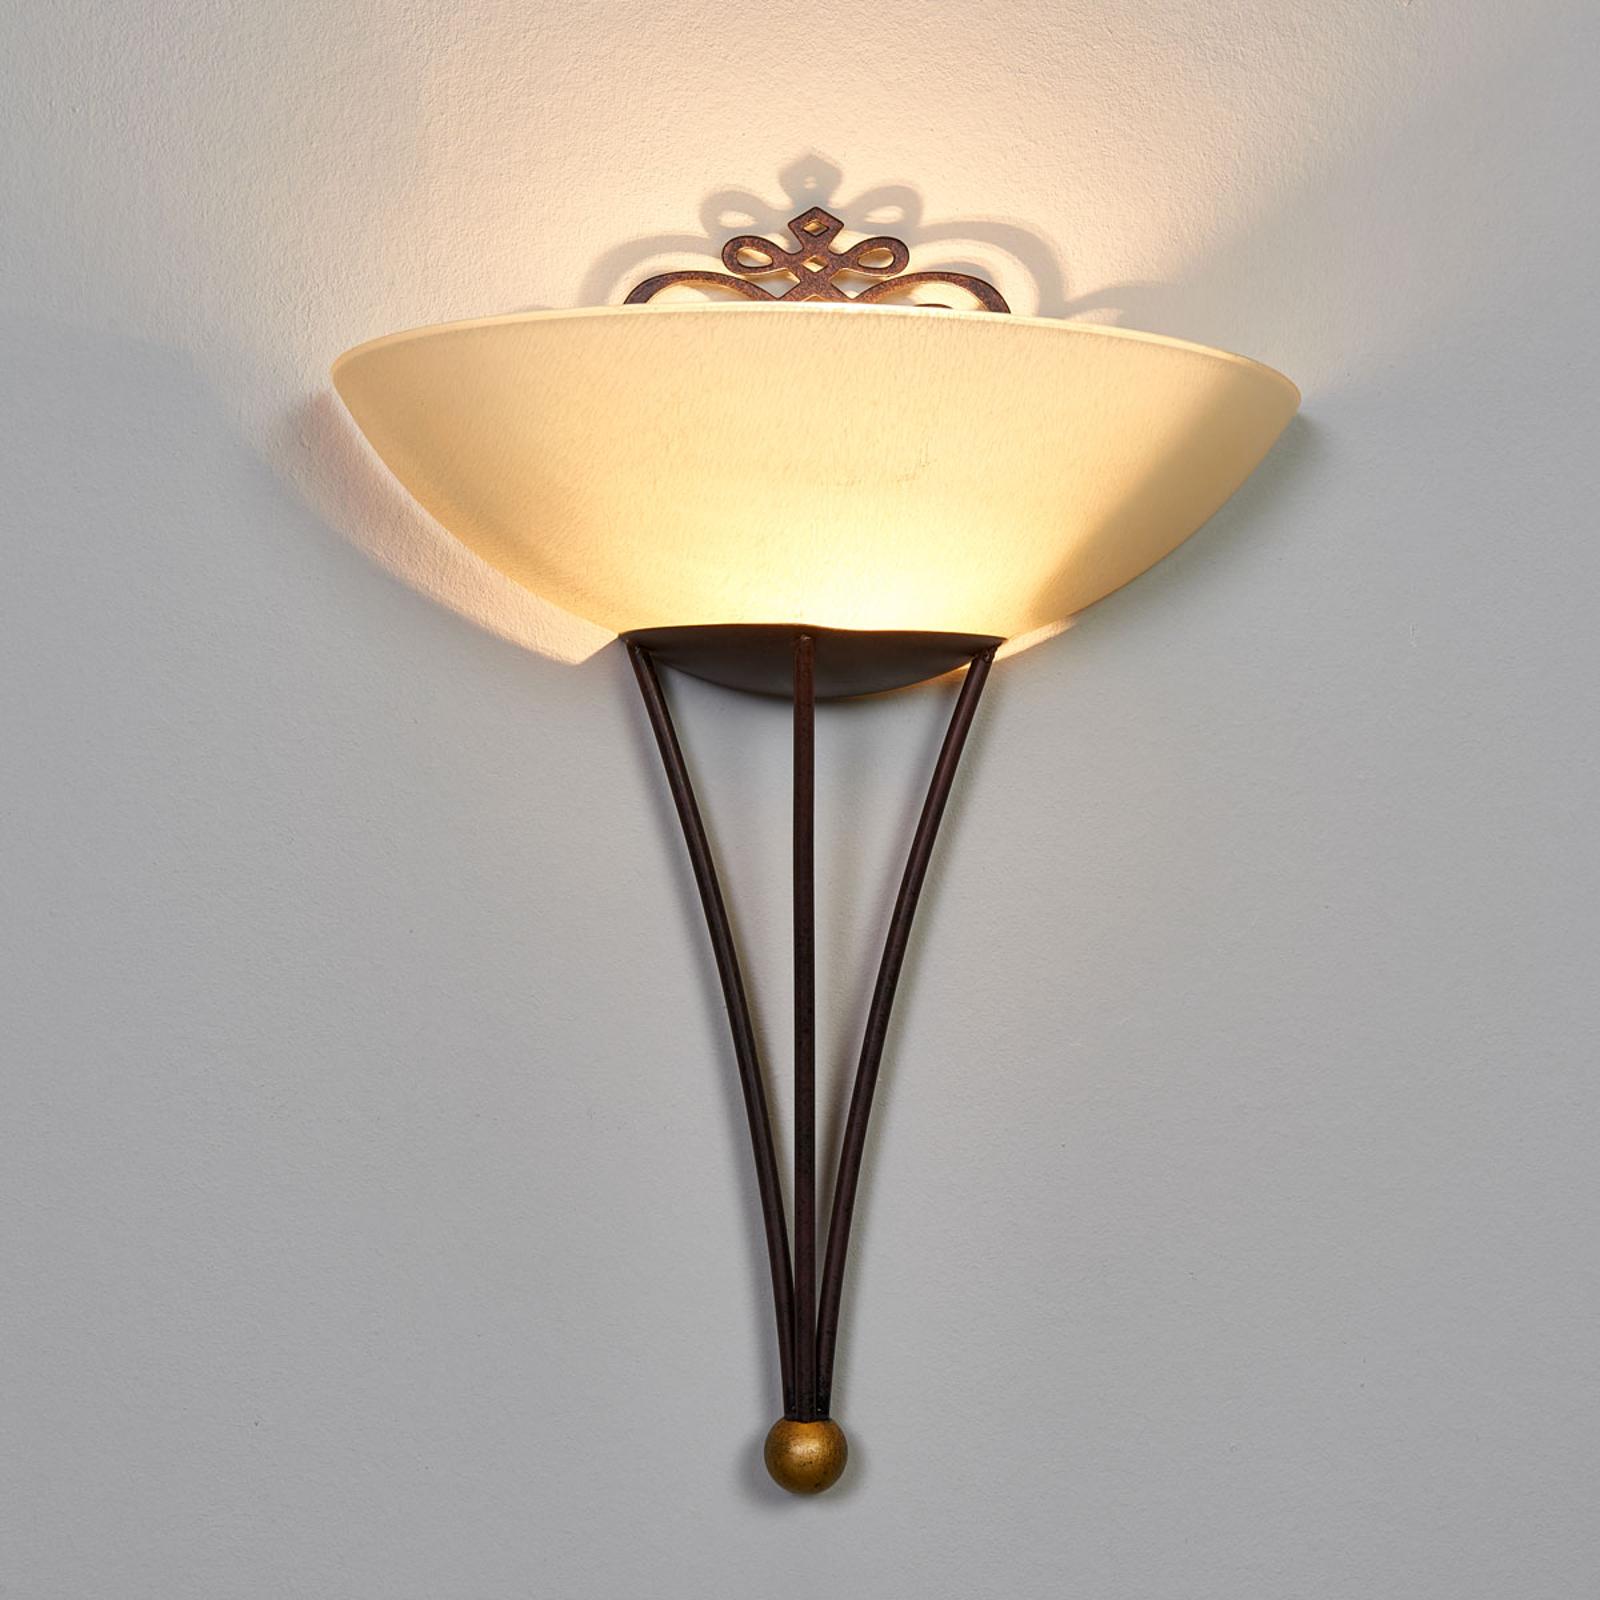 Ozdobné nástenné svietidlo Master s výzdobou